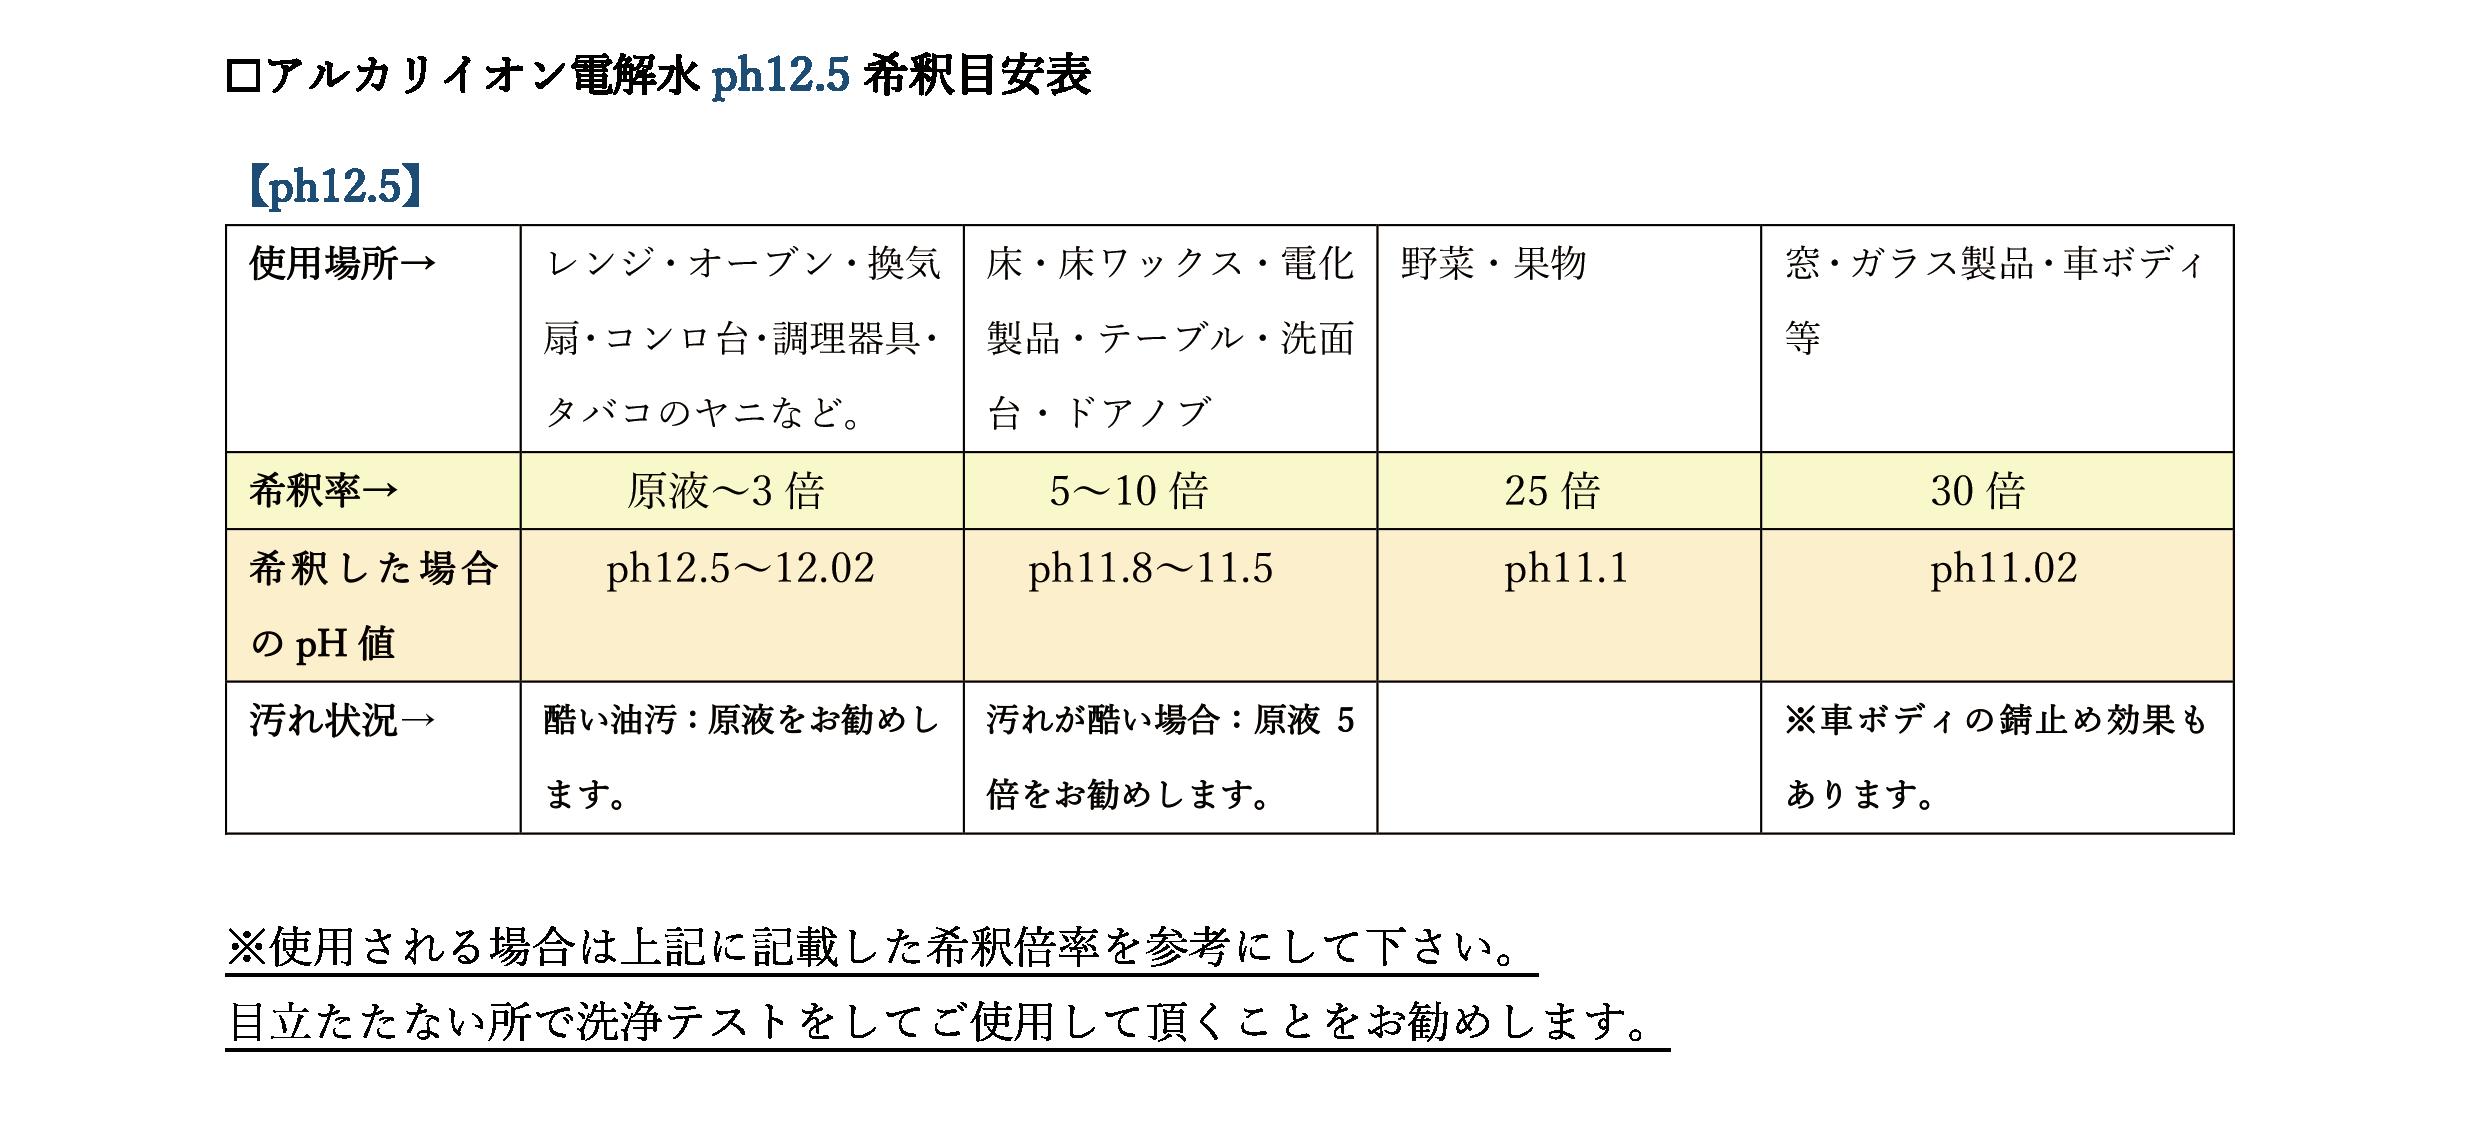 アルカリイオン電解水ph12.5の希釈目安表